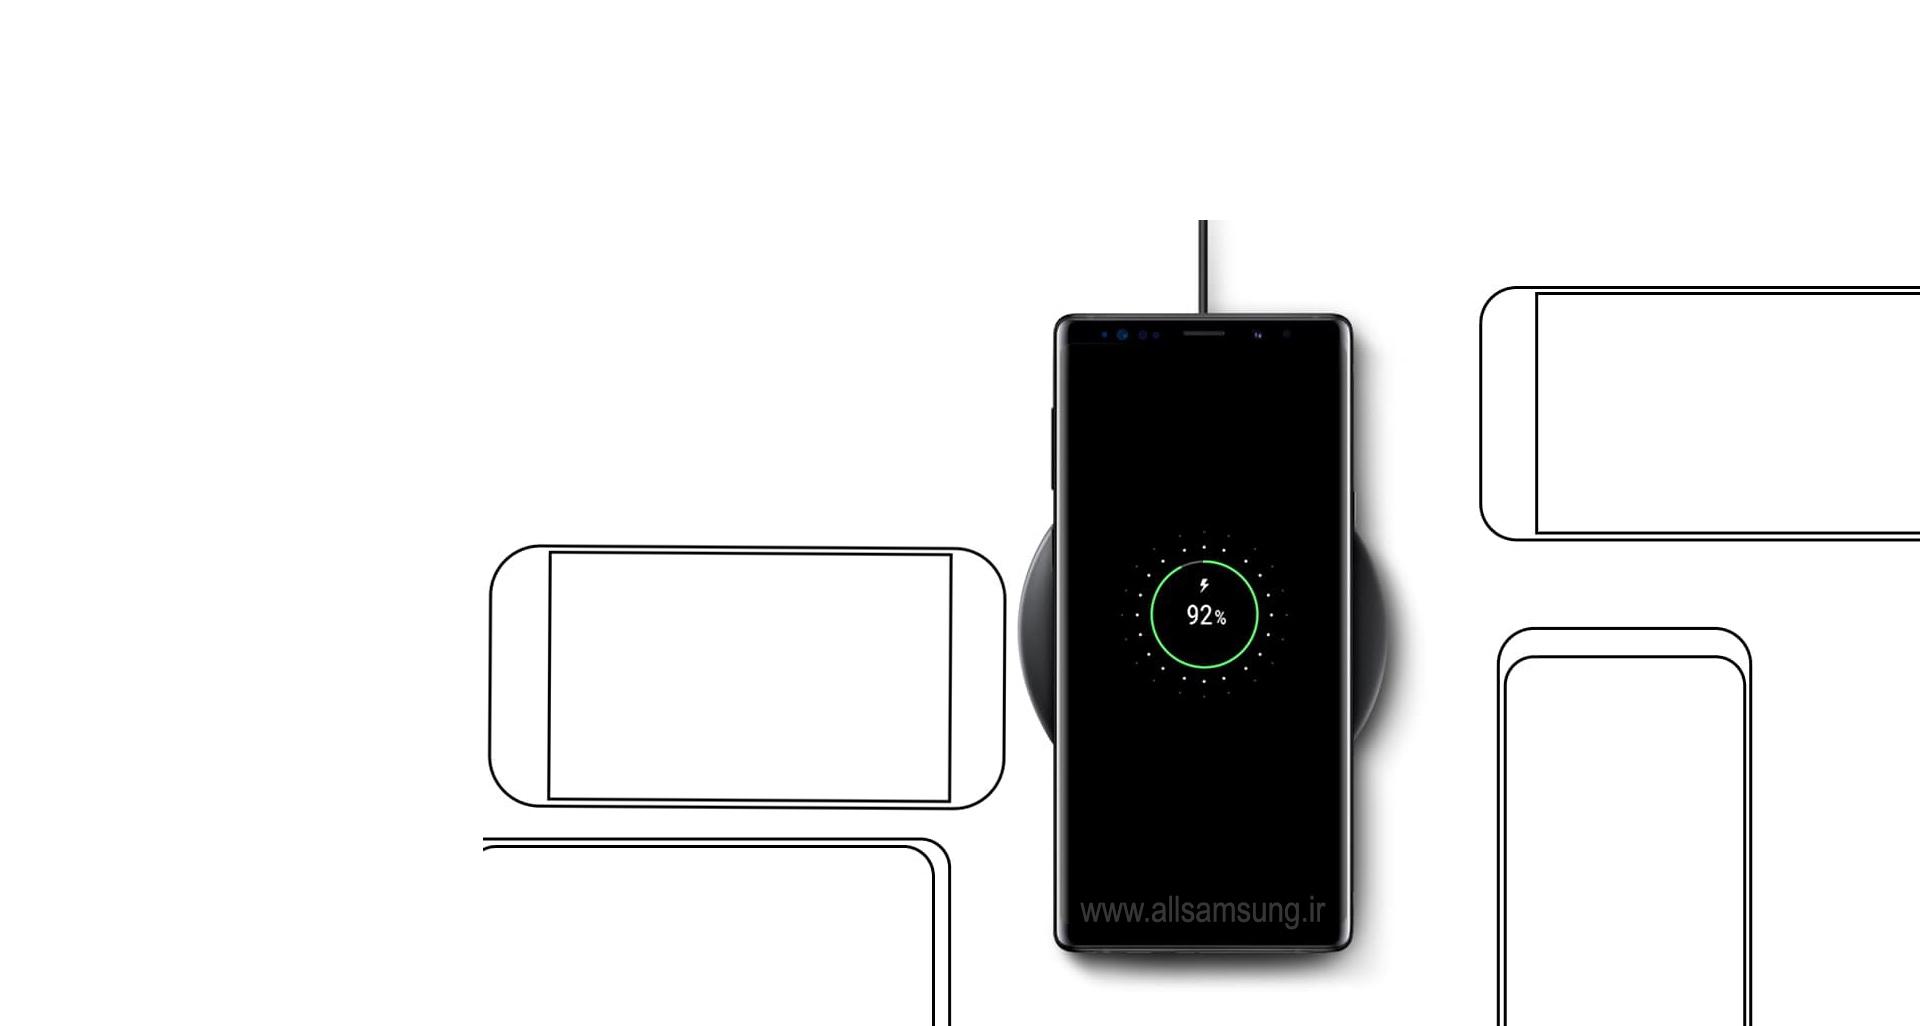 شارژ بی سیم p3100t با پشتیبانی از دستگاه های دارای گواهی Qi